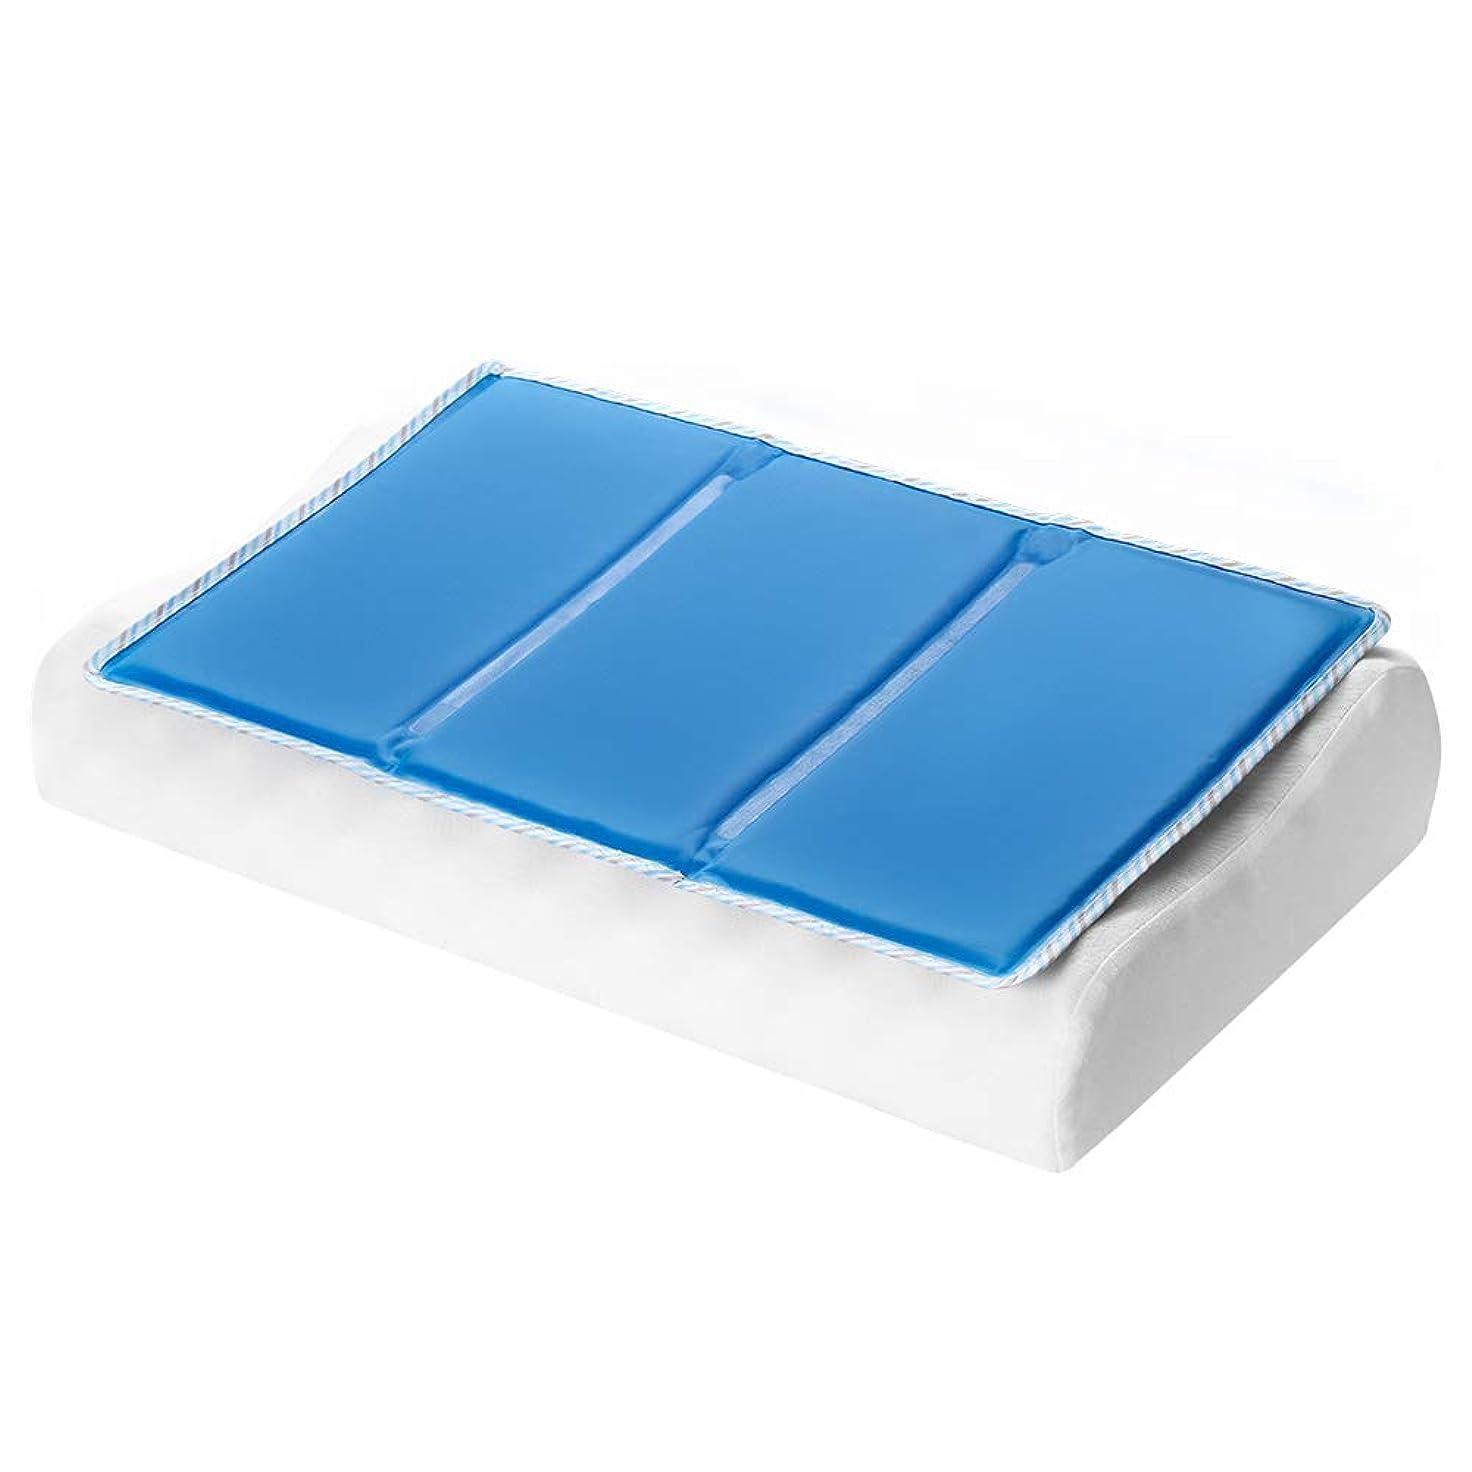 拡声器日帰り旅行にコマンドひんやり枕パッド 2019年新版冷却マット枕 ひんやり敷きパッド 冷感 敷きパッド クールマット枕 ひんやりジェルマット 枕カバー 熱中症対策 車用 ノートPC用 冷却ジェルシート ブルー 30X50CM